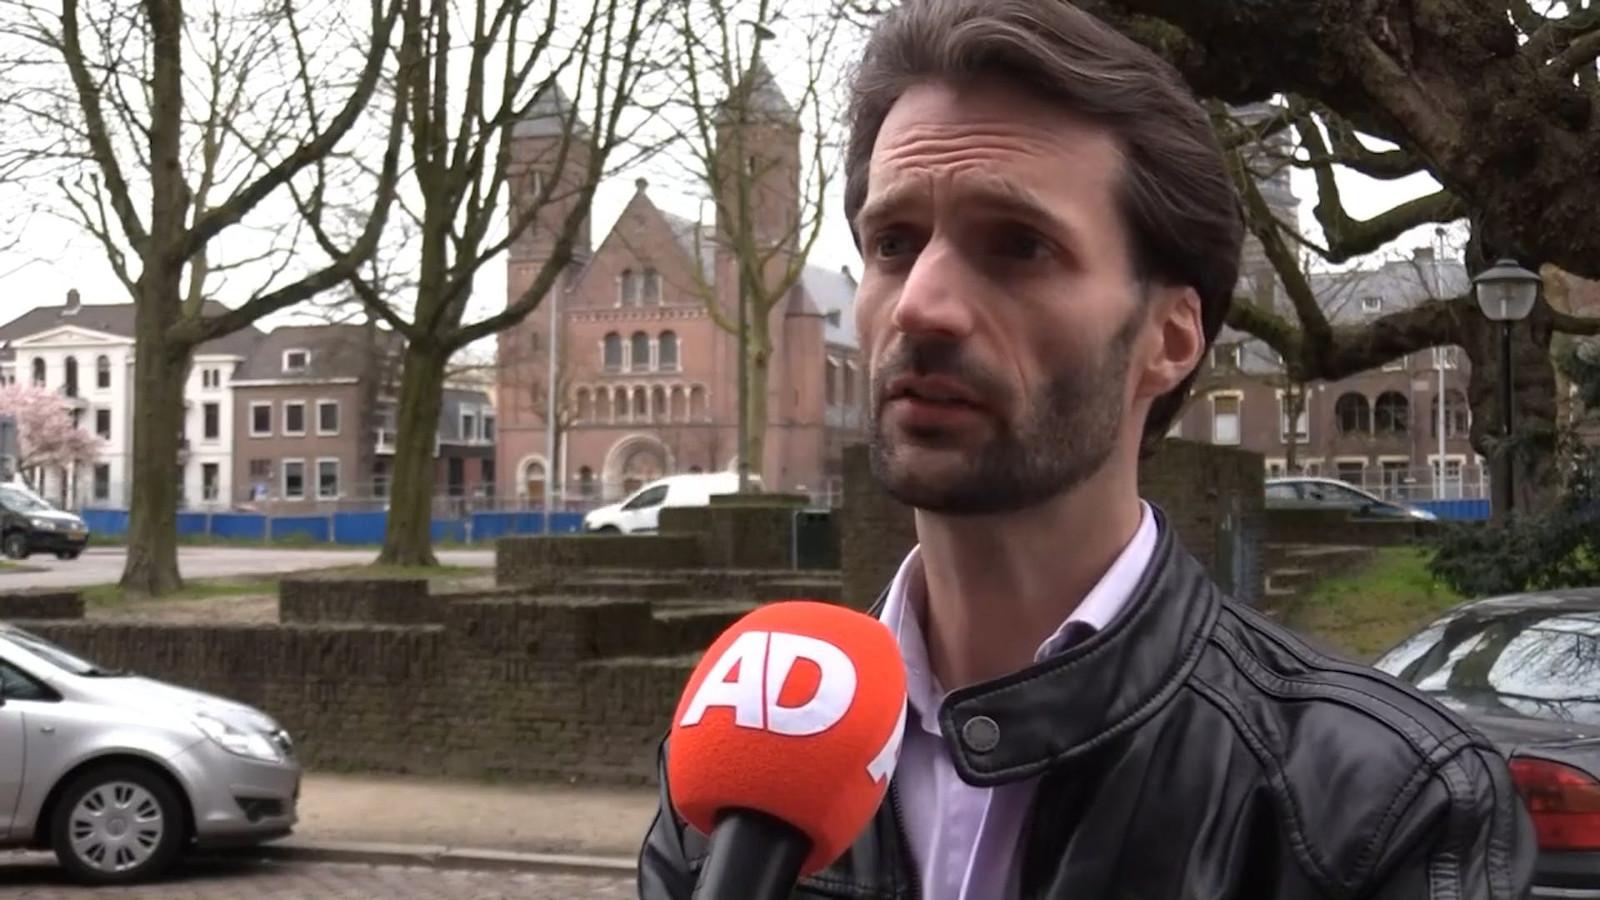 De rechtbank in Utrecht heeft tramschutter Gökmen Tanis een levenslange gevangenisstraf opgelegd. Advocaat Sébas Diekstra die de vader van Roos vertegenwoordigt, zegt dat zijn cliënt opgelucht is.